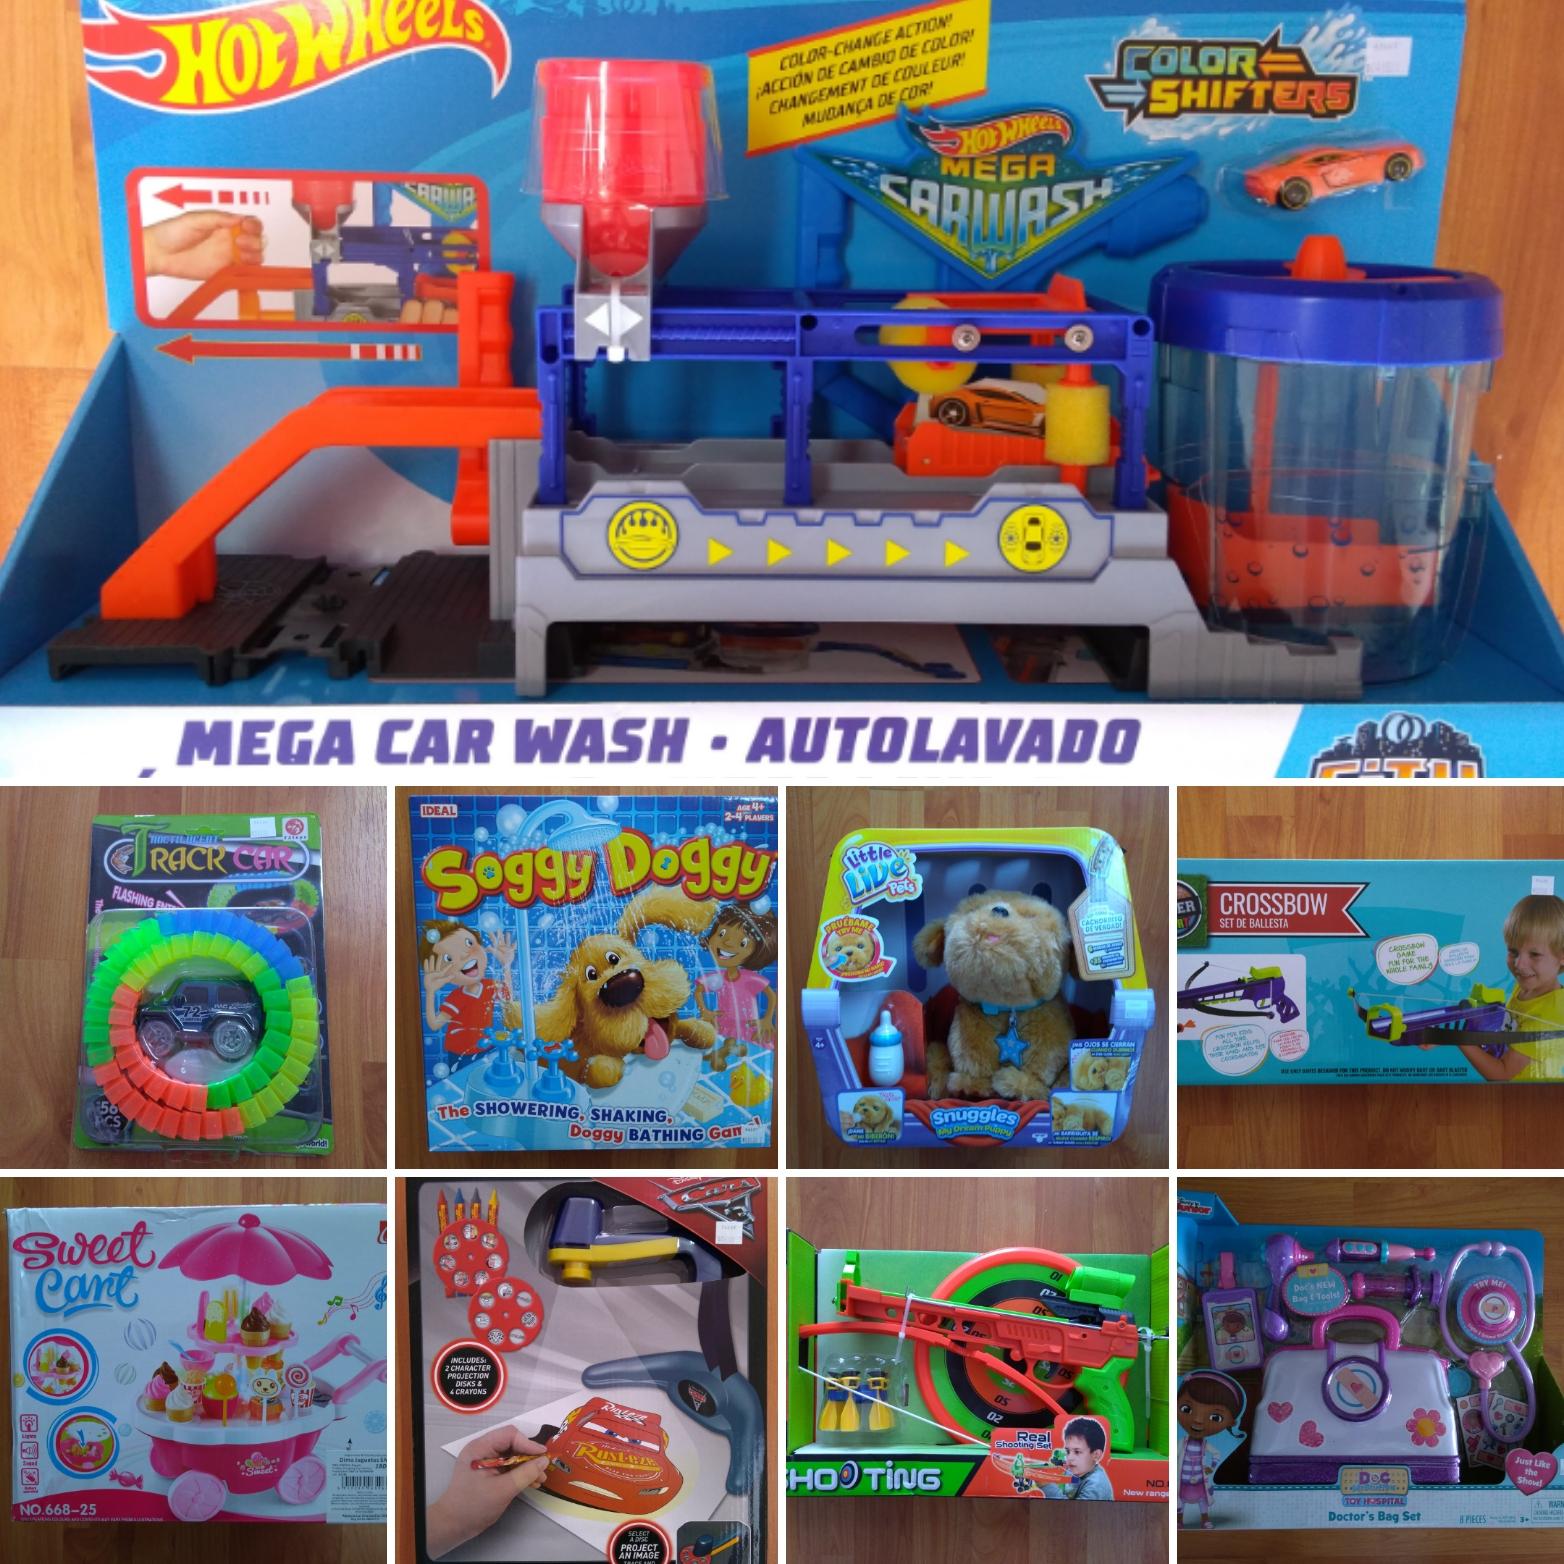 jugueteria-juguetes-milcositas-manizales- (8)